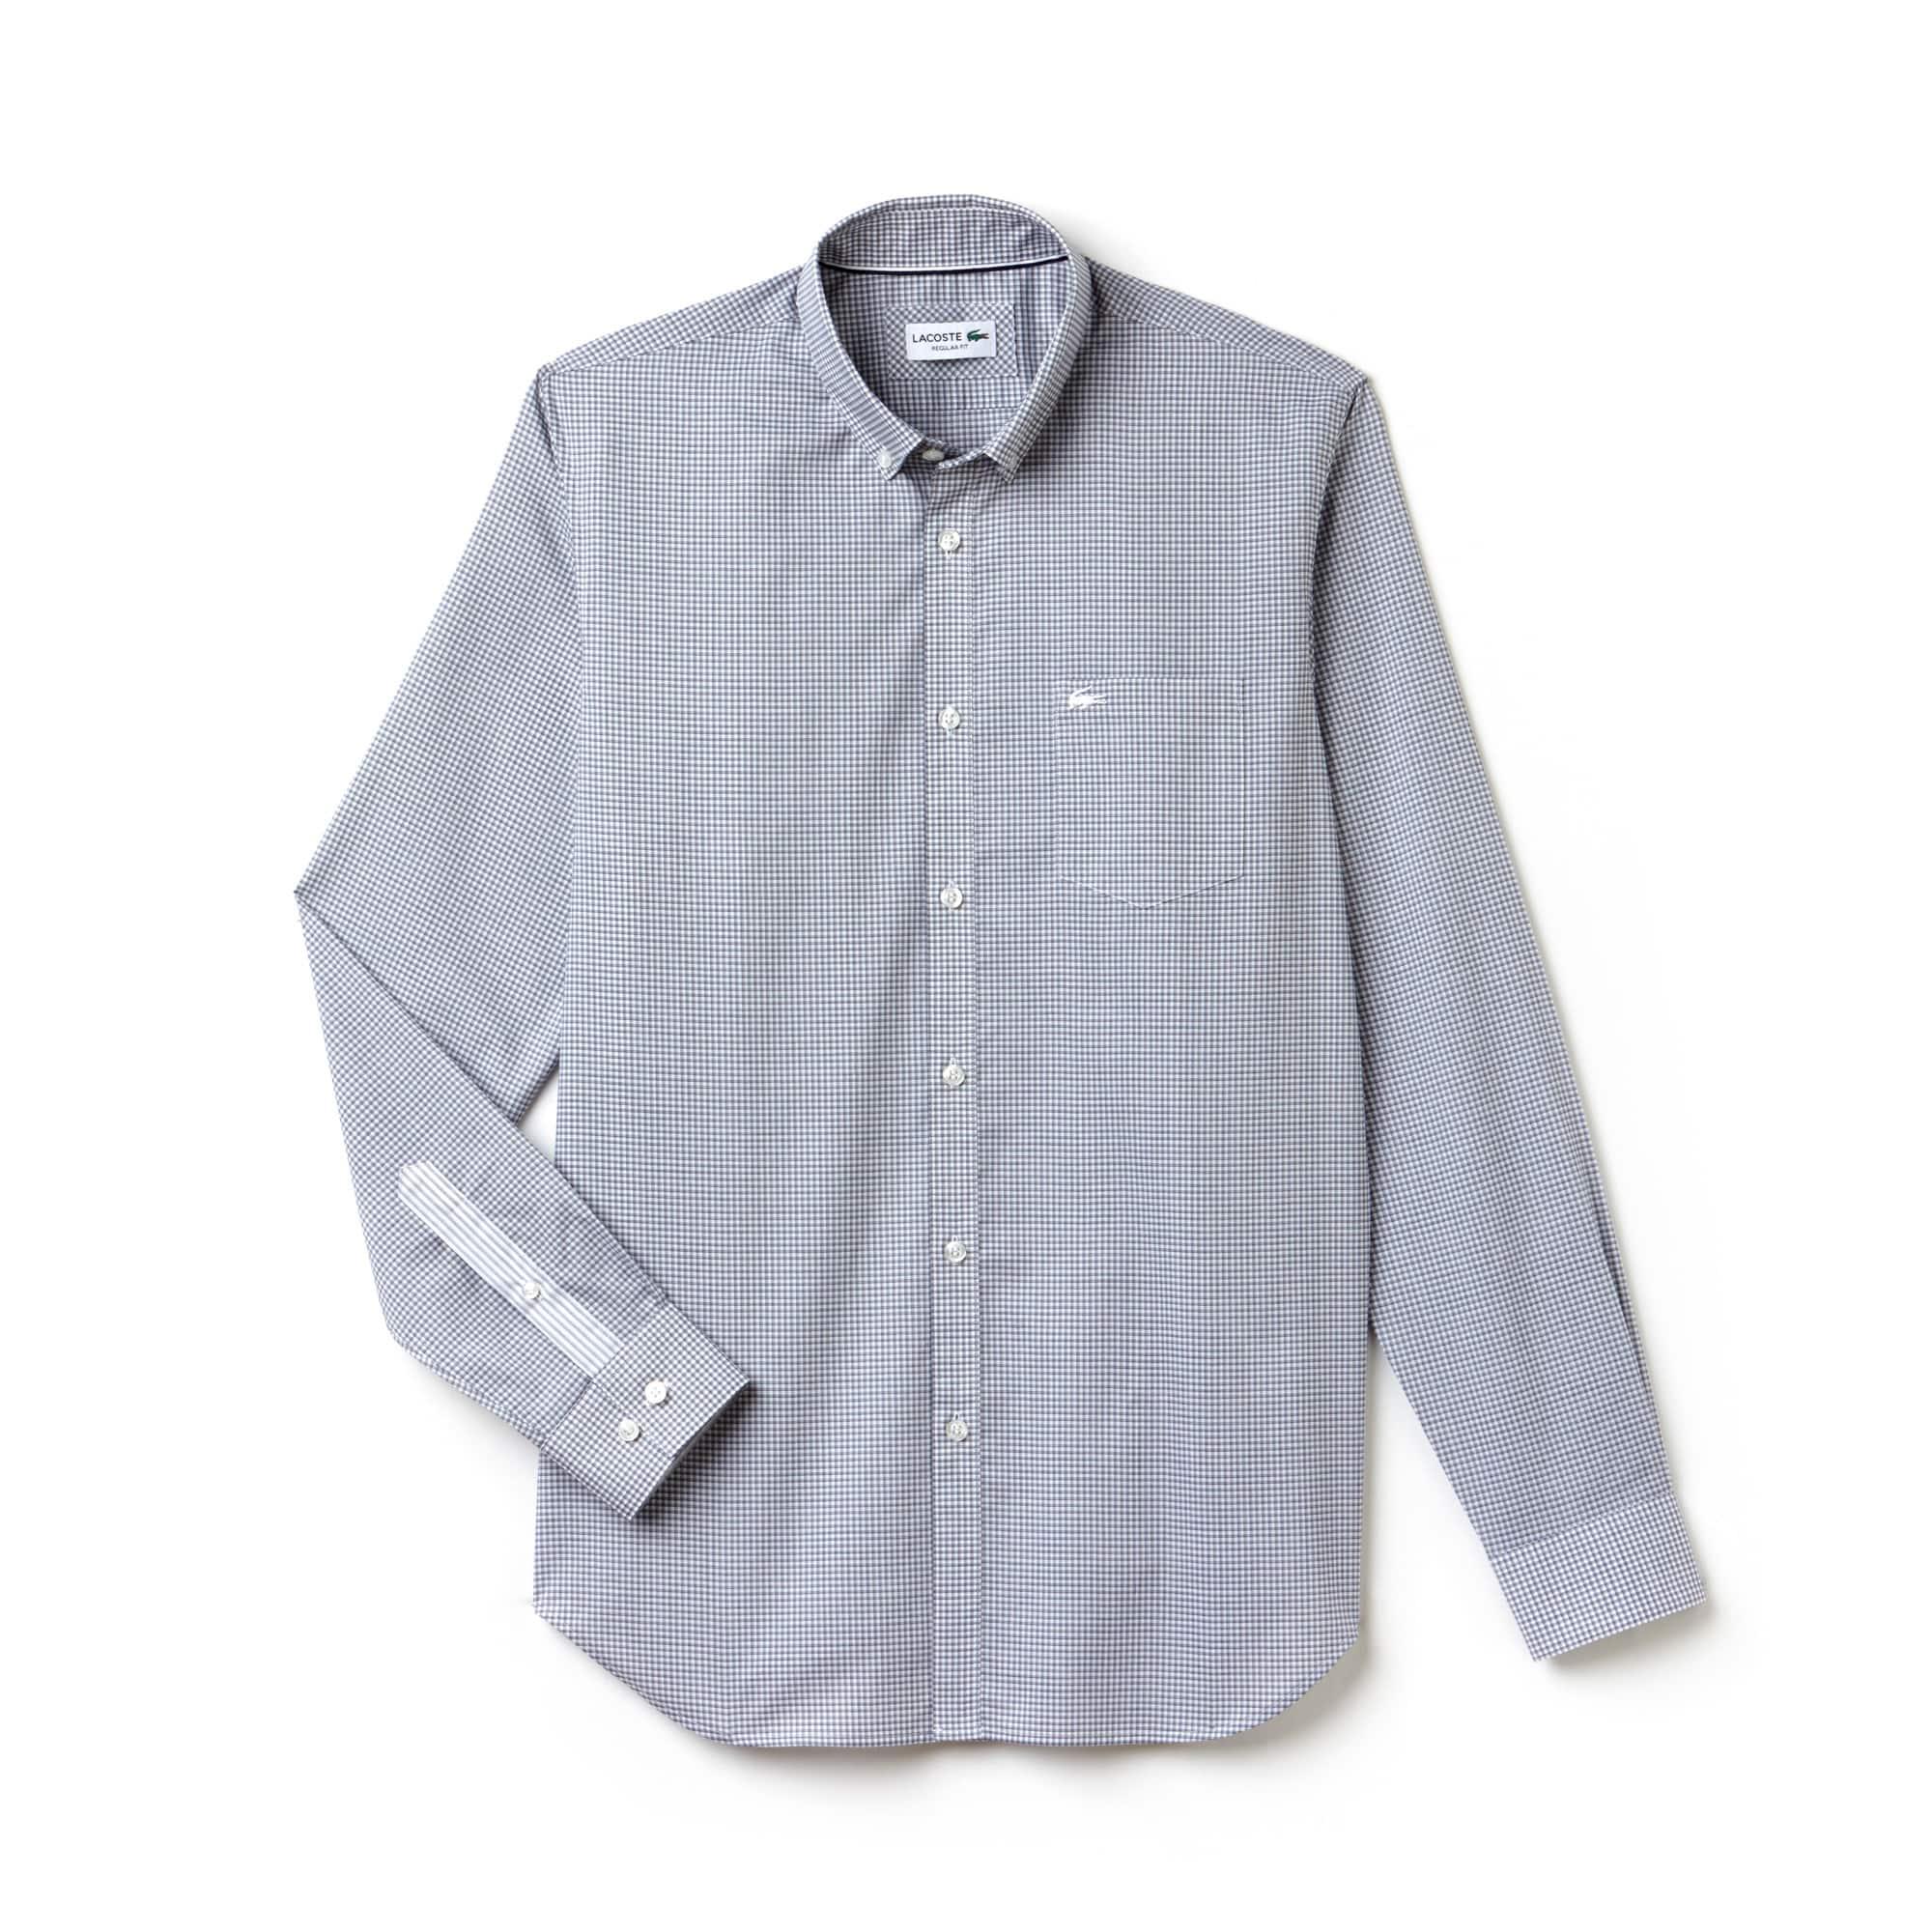 Camisa Regular Fit Masculina em Popelina de Algodão Mini Xadrez